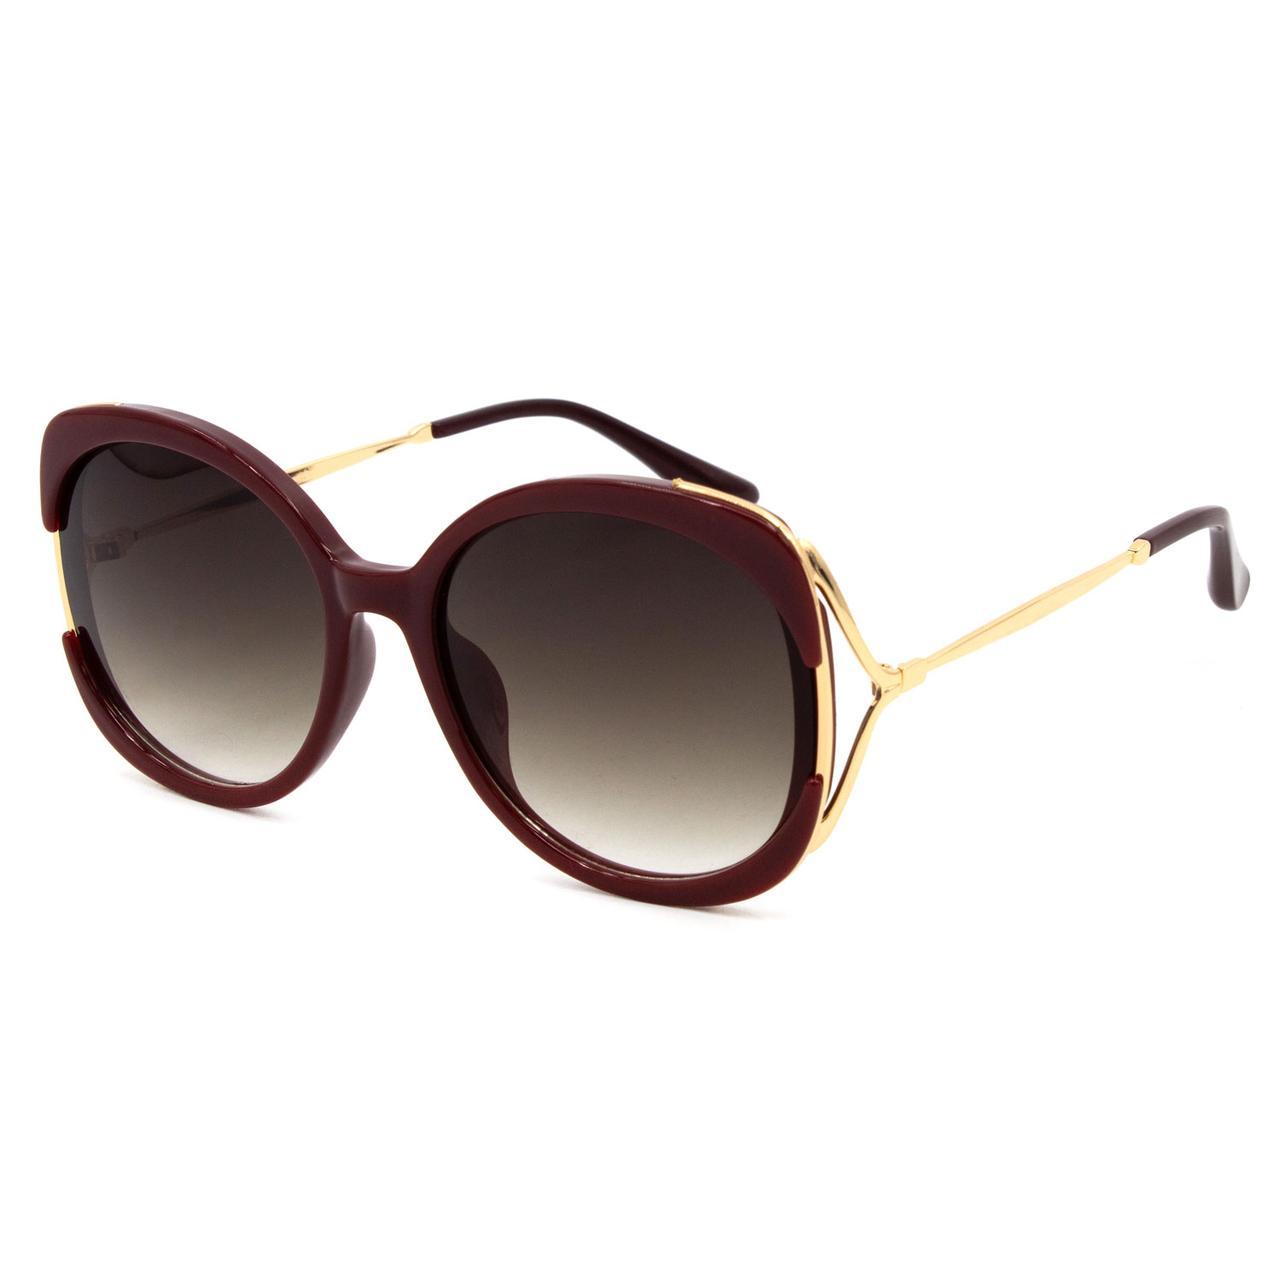 Солнцезащитные очки Marmilen 95145 C3 бордовые     ( 95145-03 )